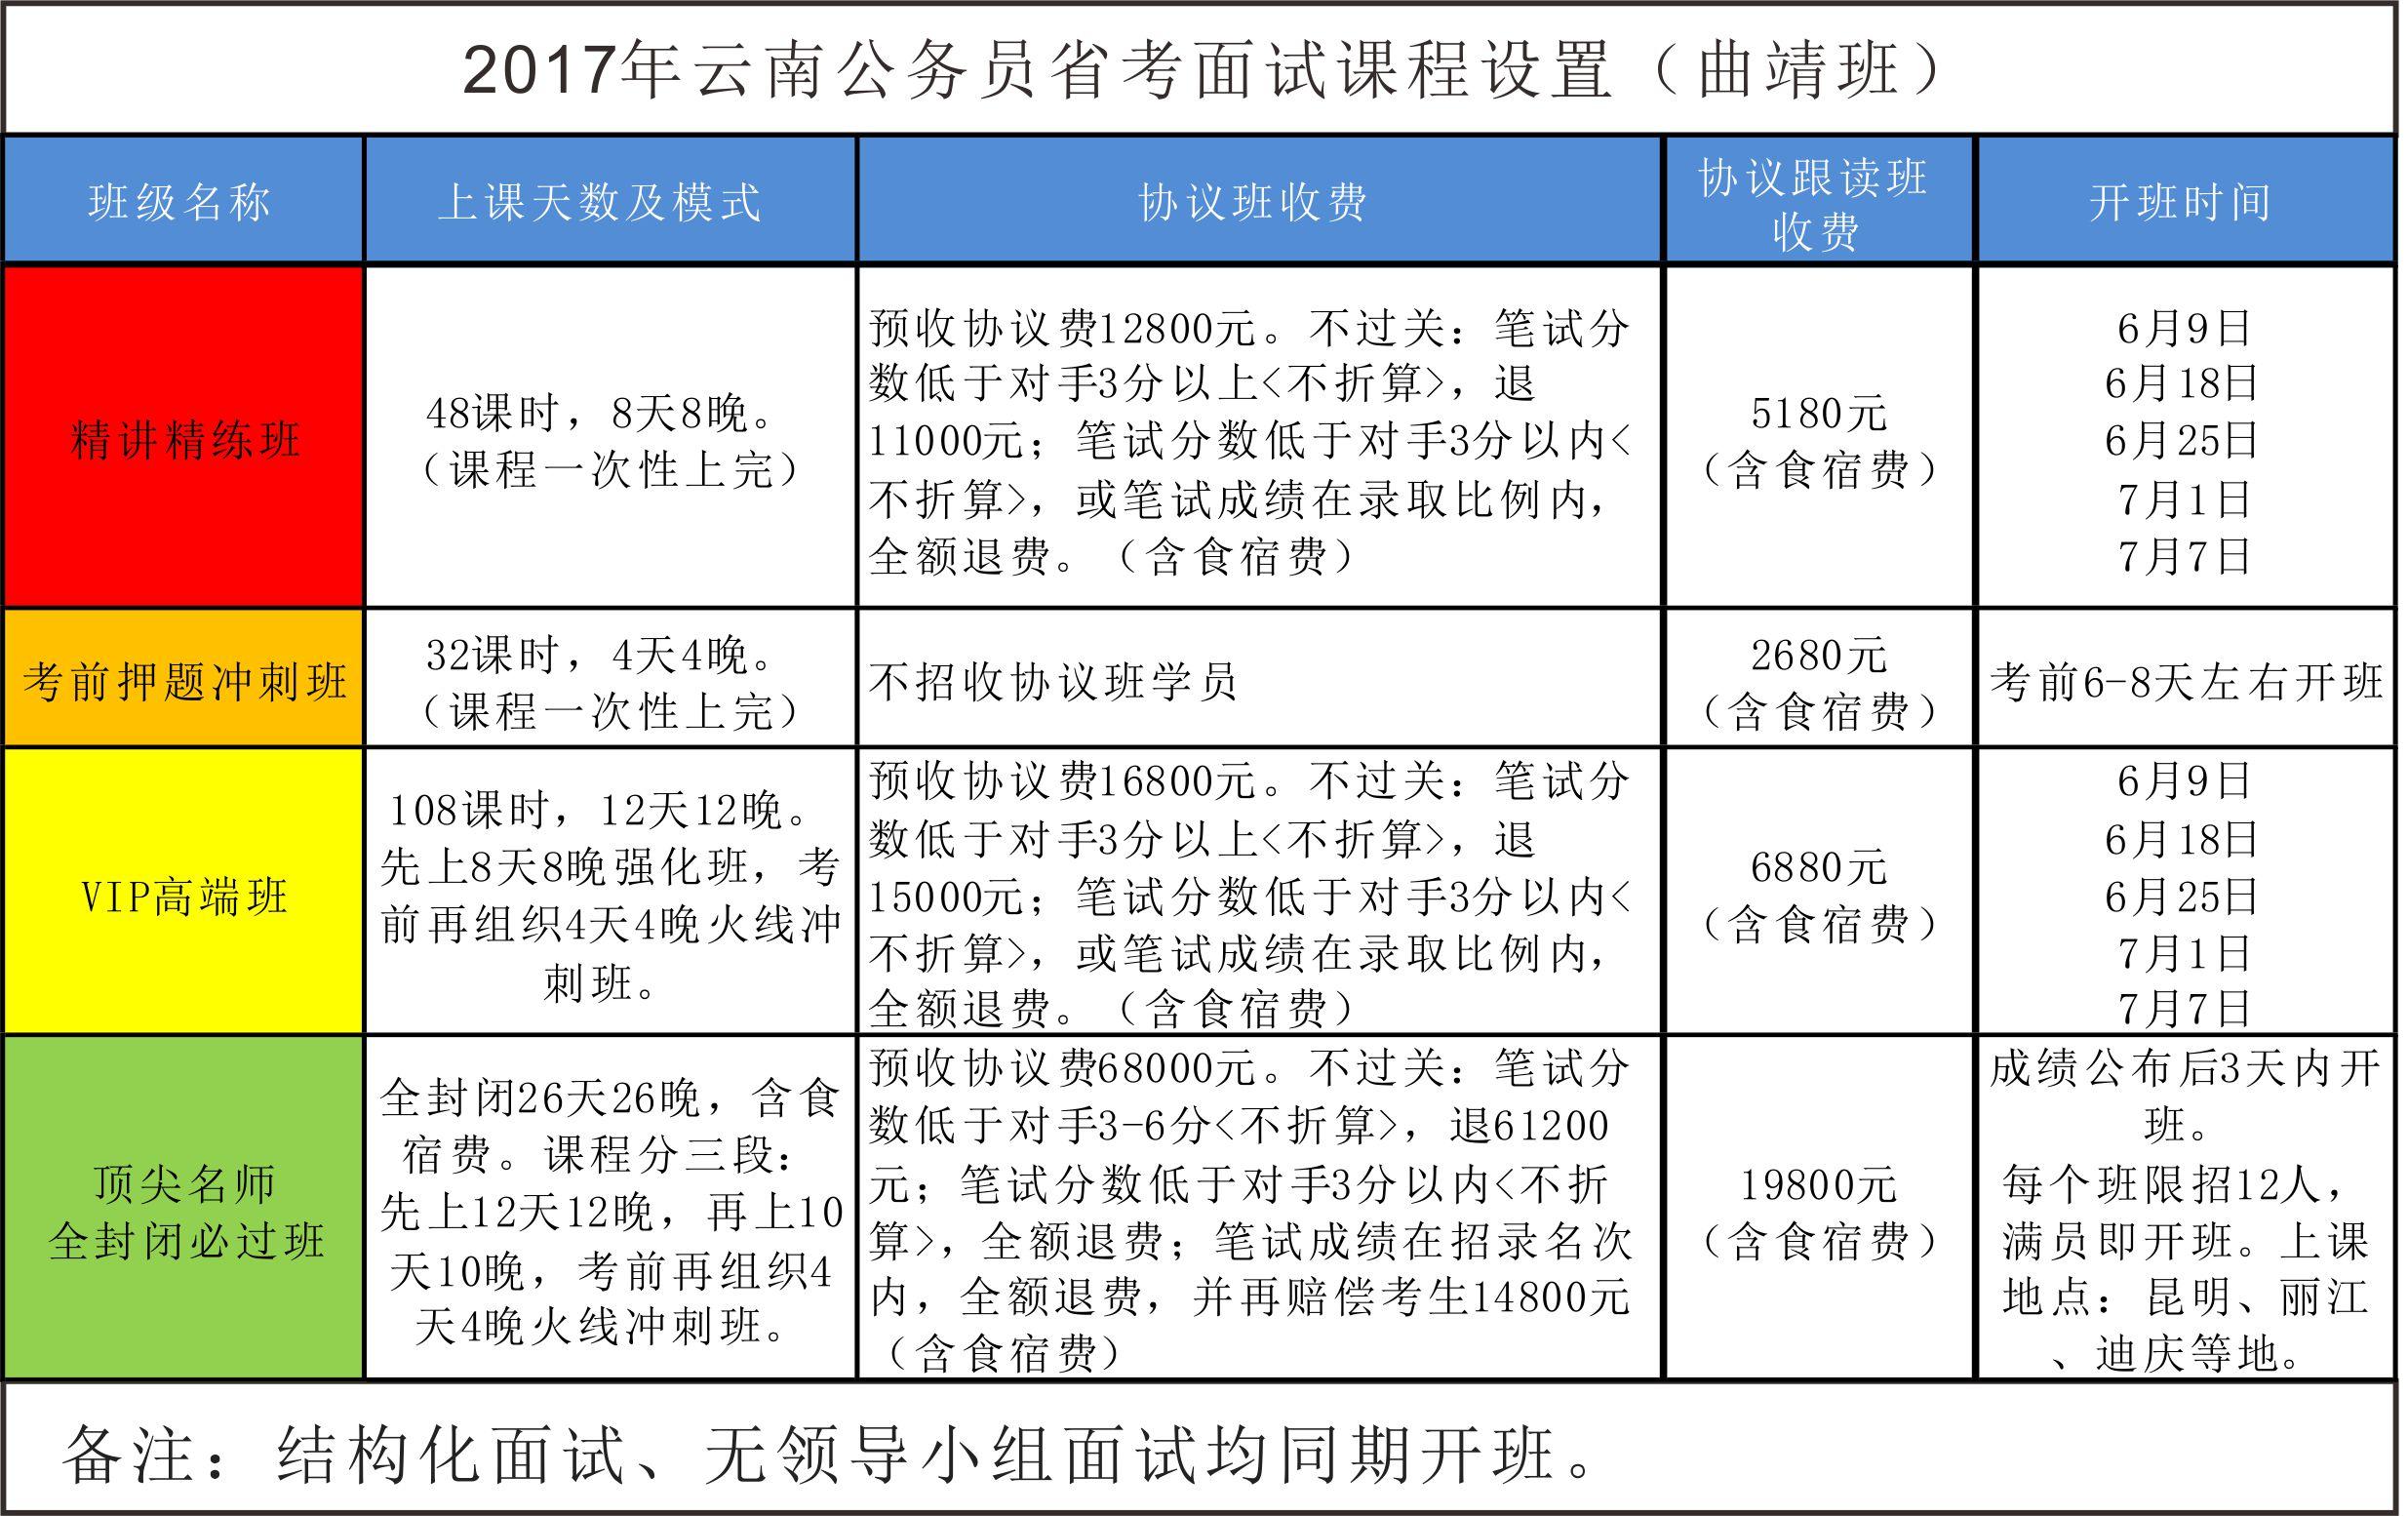 2017年云南公务员省考面试辅导班简章(曲靖班